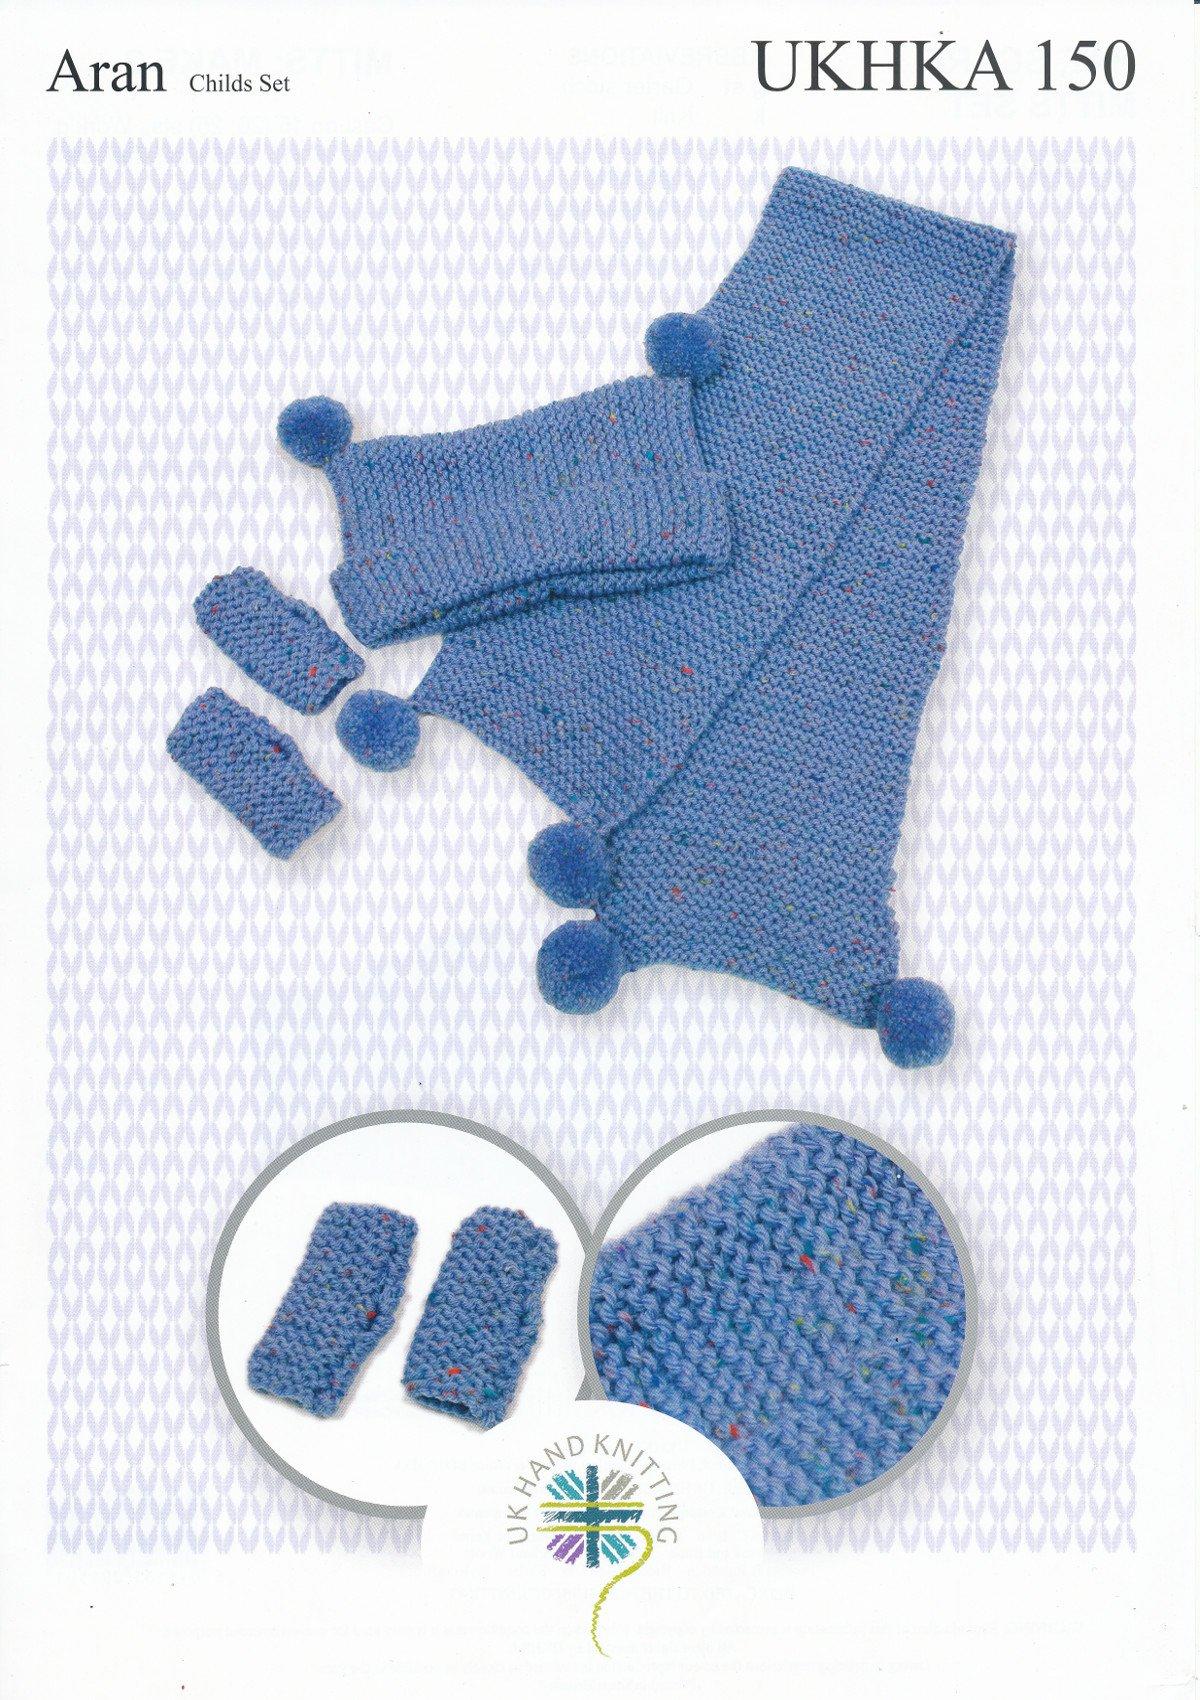 Childrens Aran Knitting Patterns Free Patterns